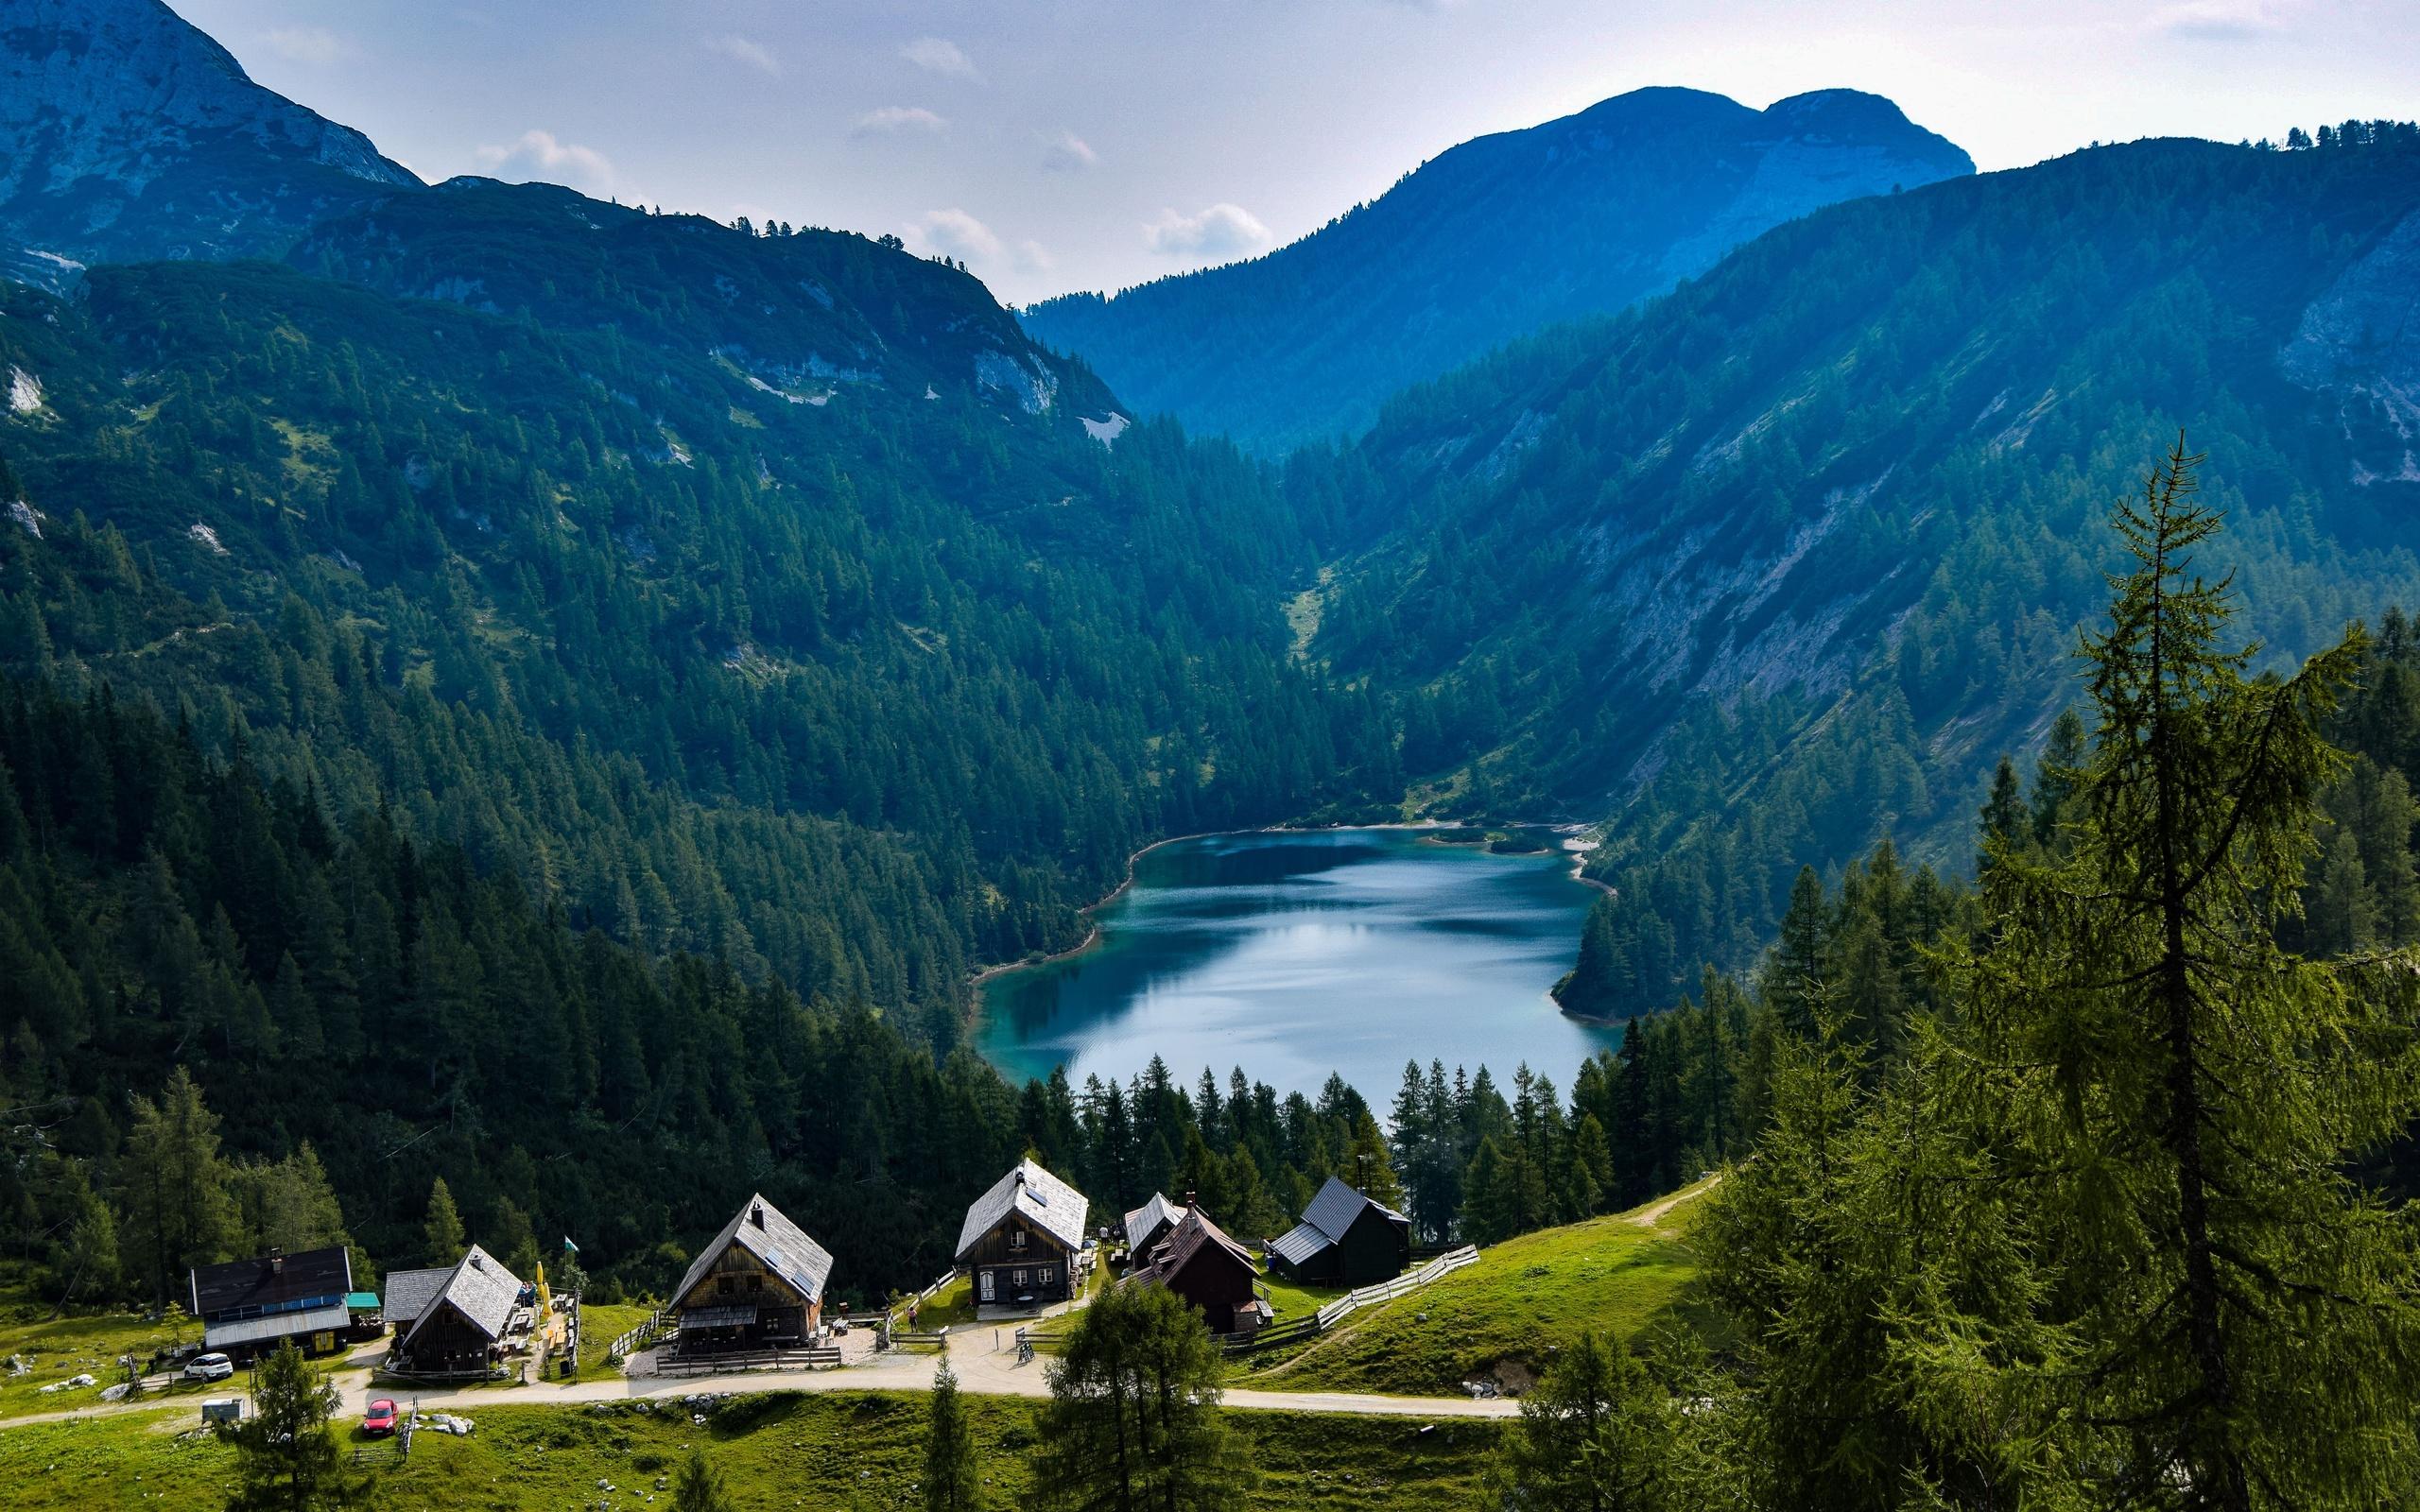 германия, берг, озеро, горы, поселок